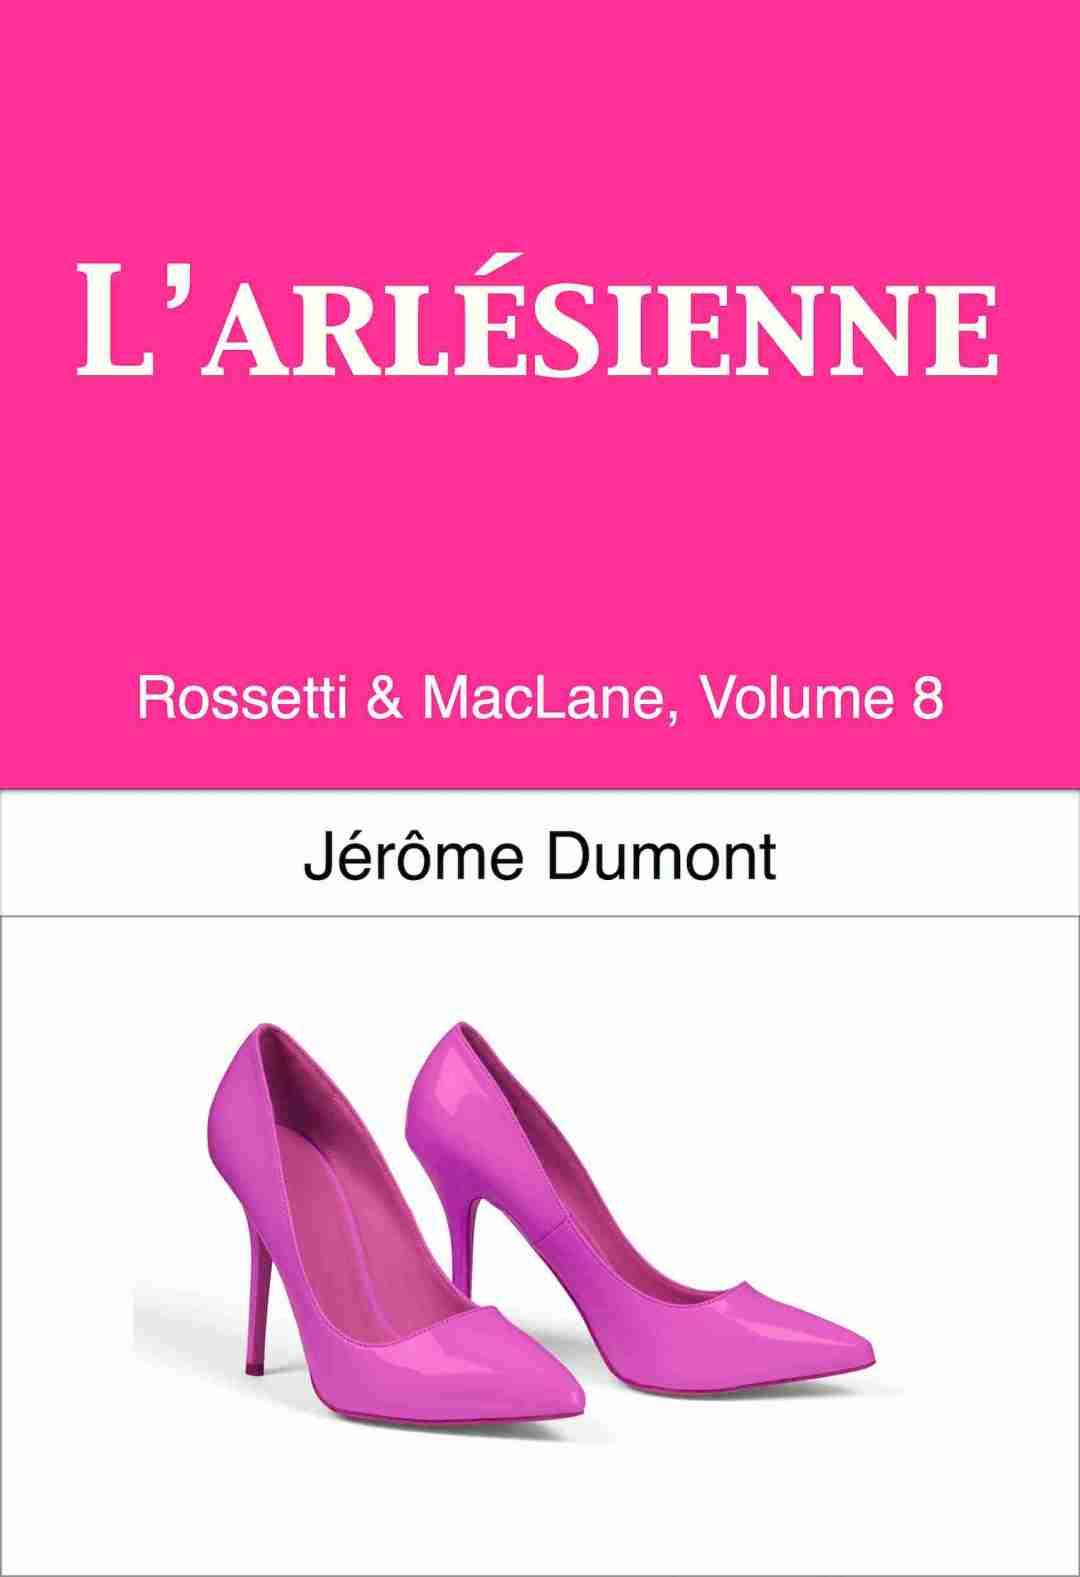 arlesienne-rossetti-maclane-8